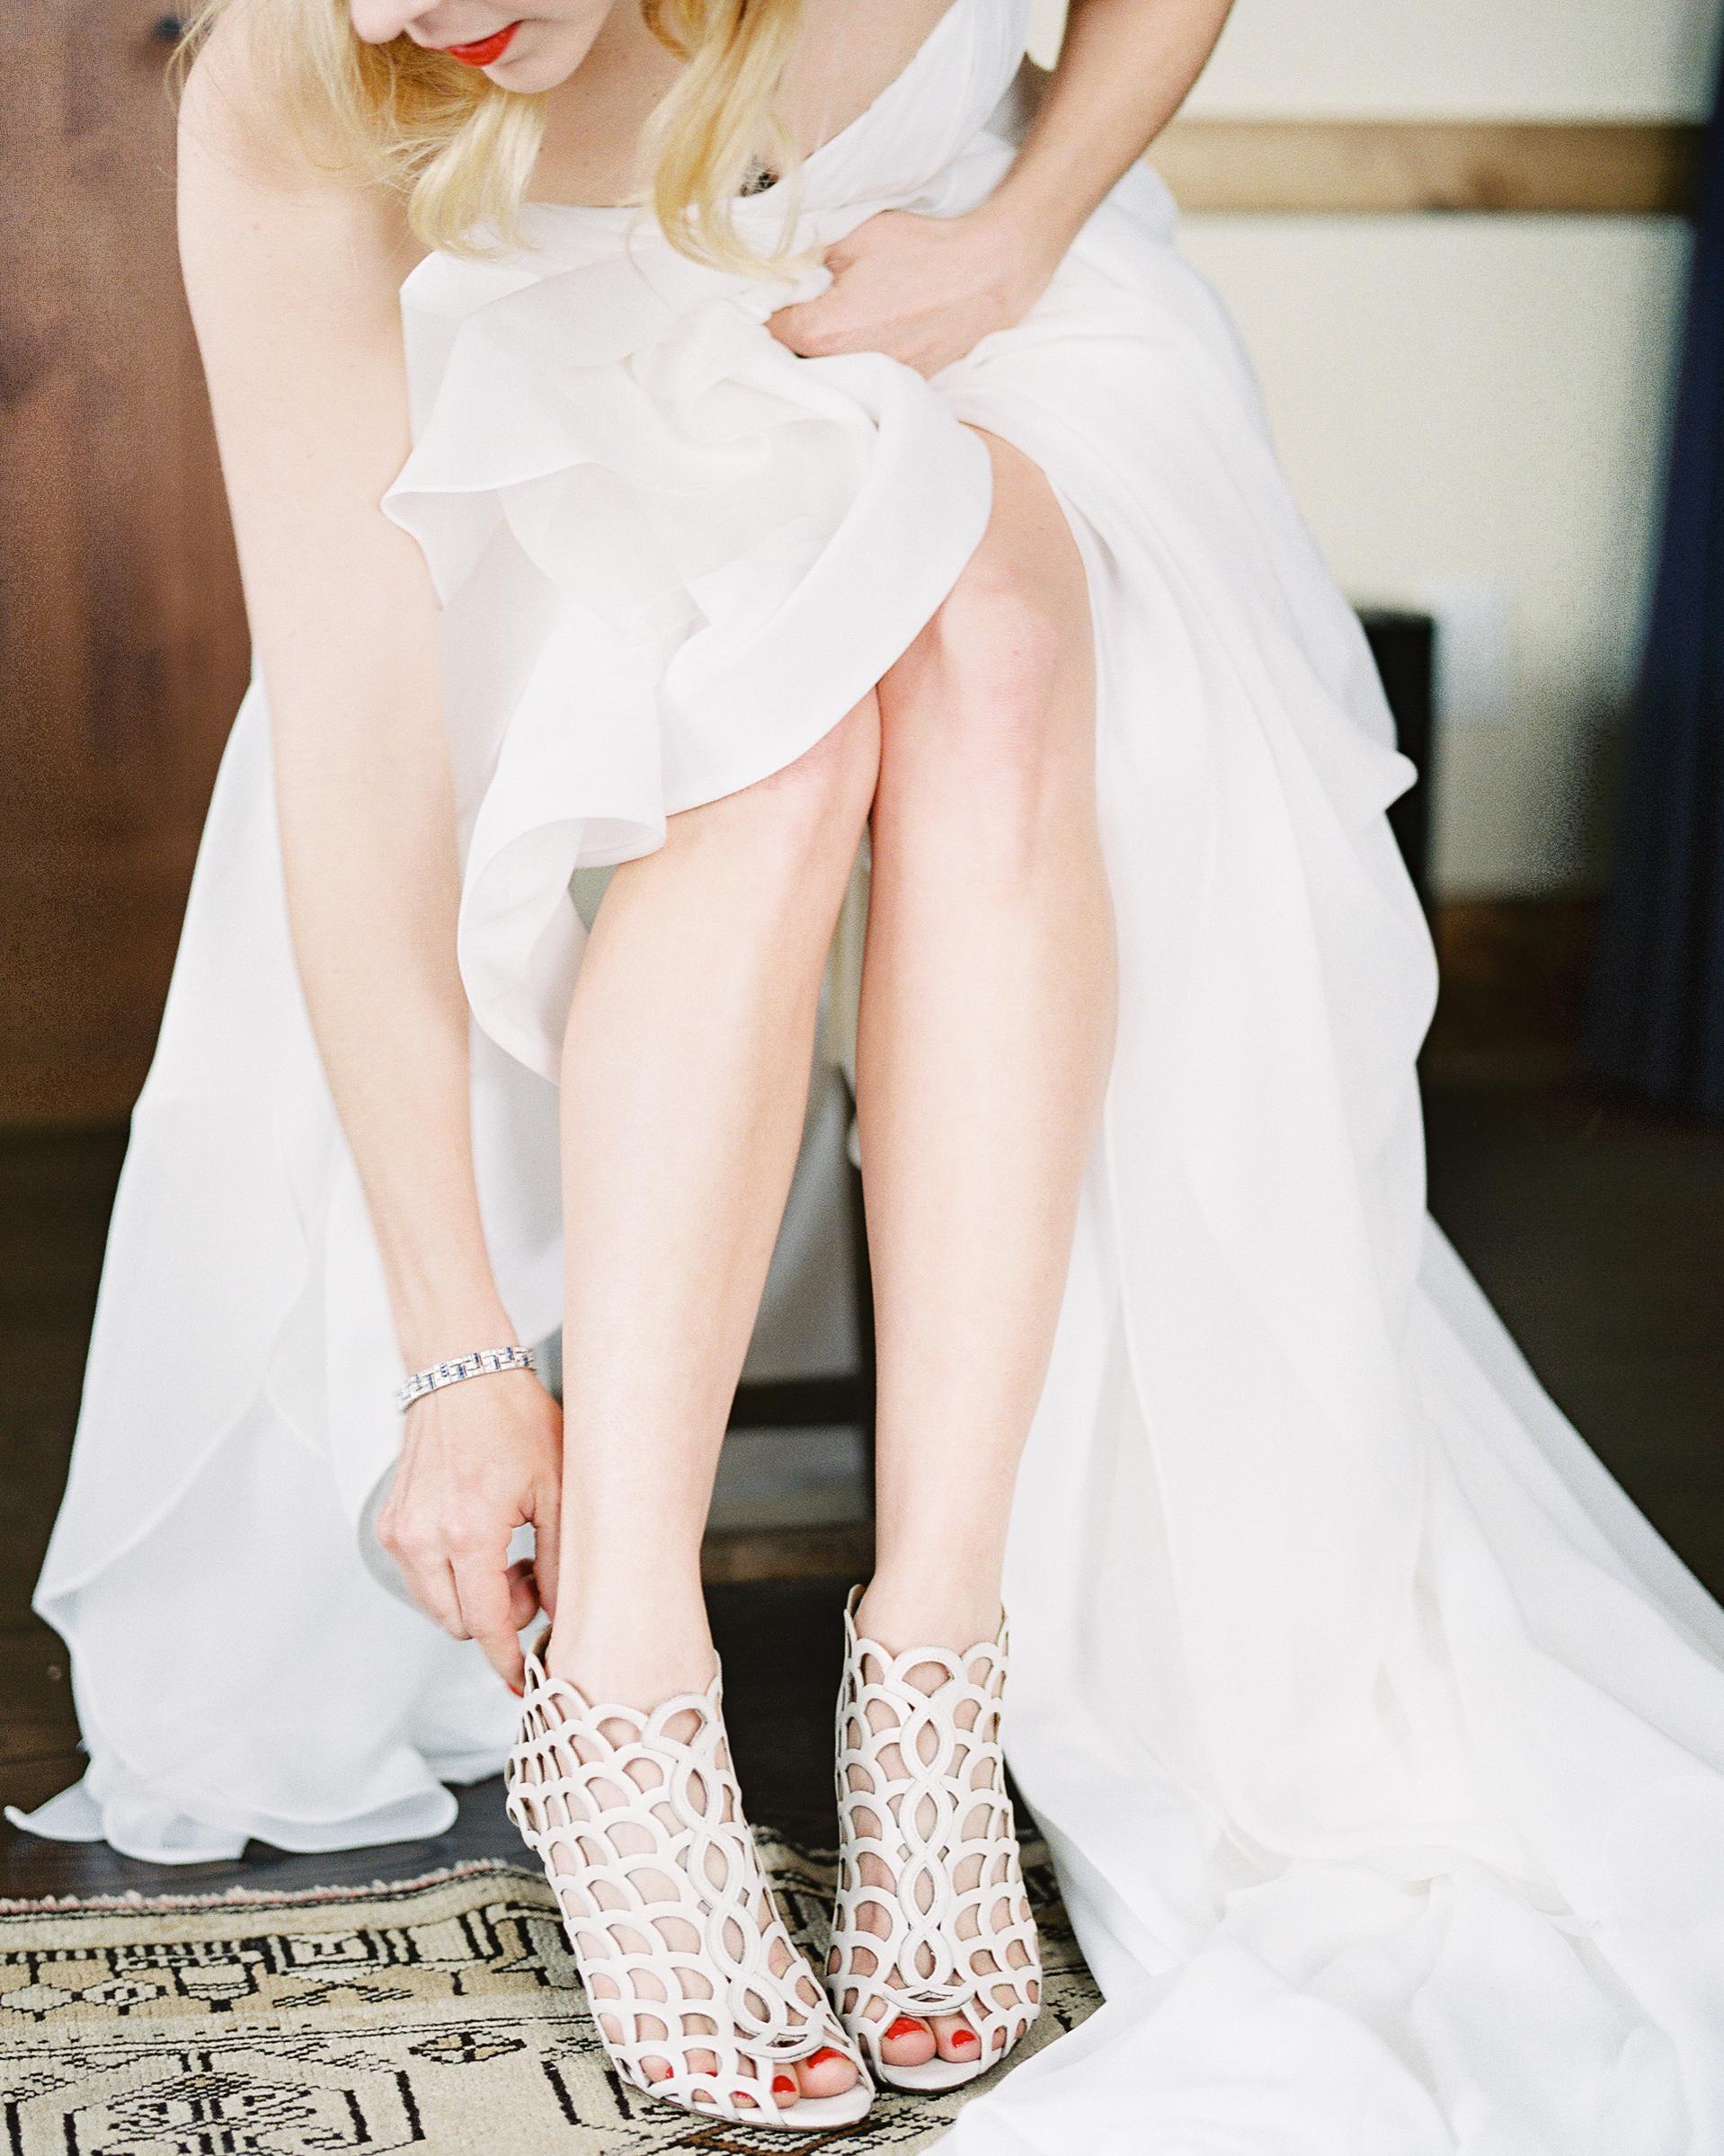 tiffany-nicholas-wedding-shoes2-031-s111339-0714.jpg